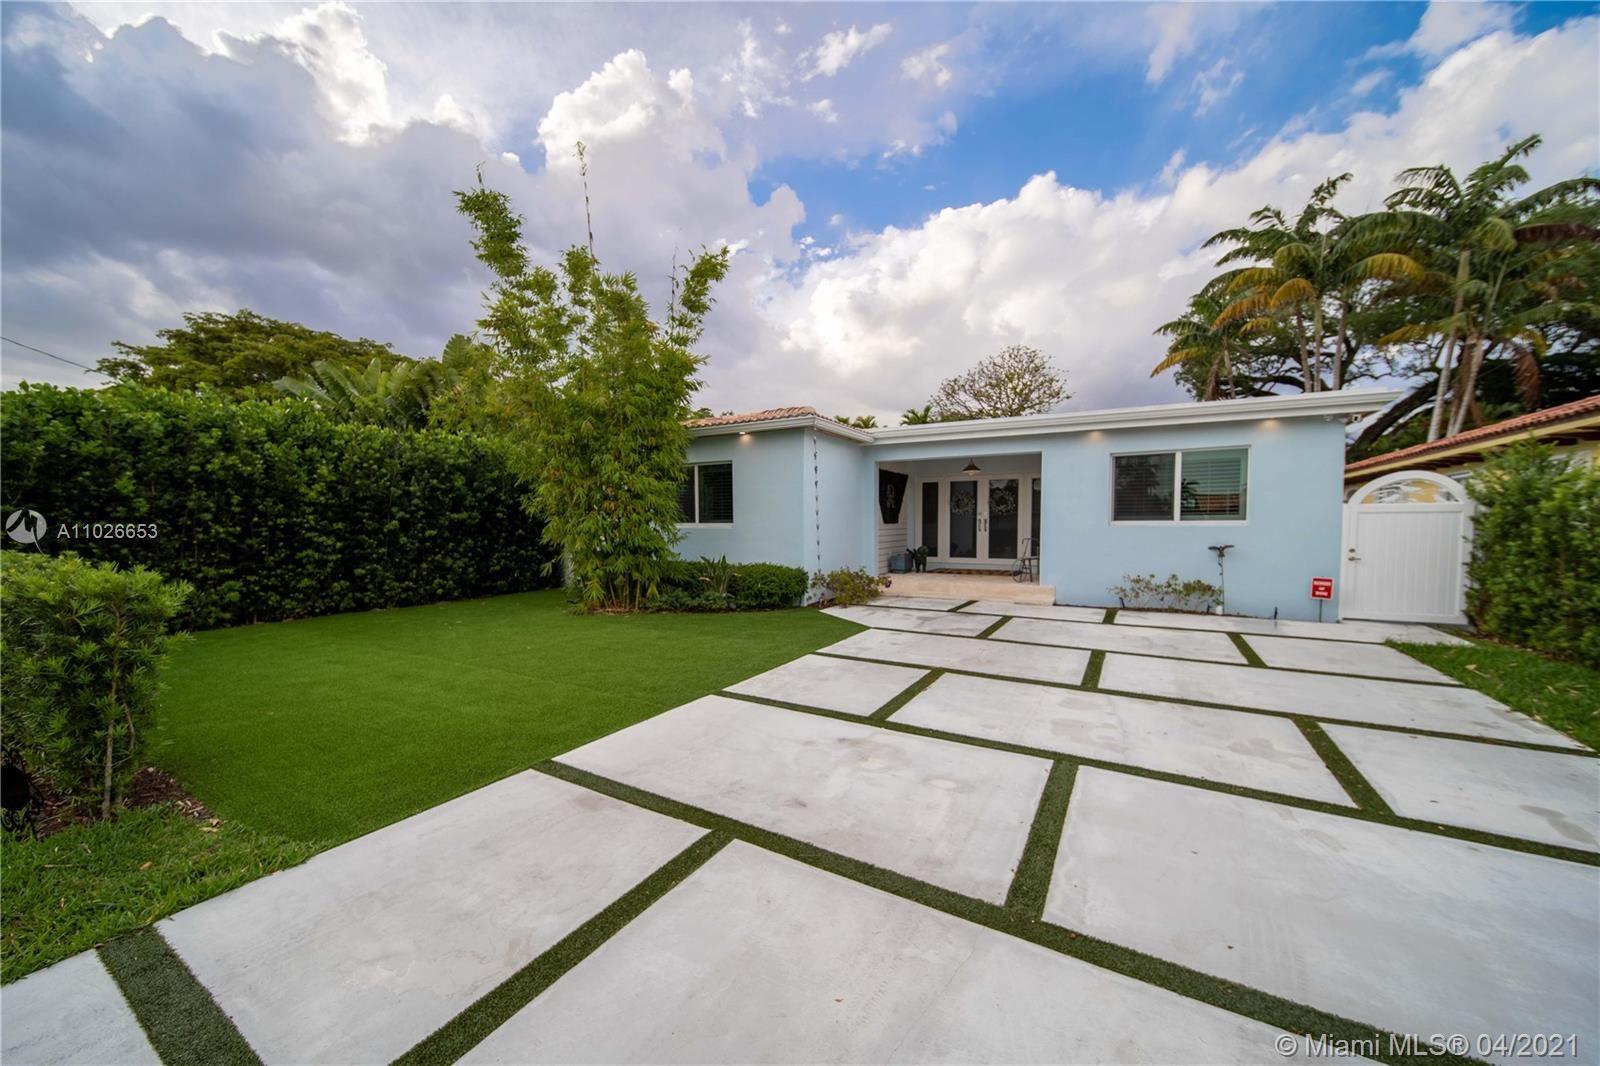 58XX Ave SW 28 St, Miami, FL 33155 - #: A11026653